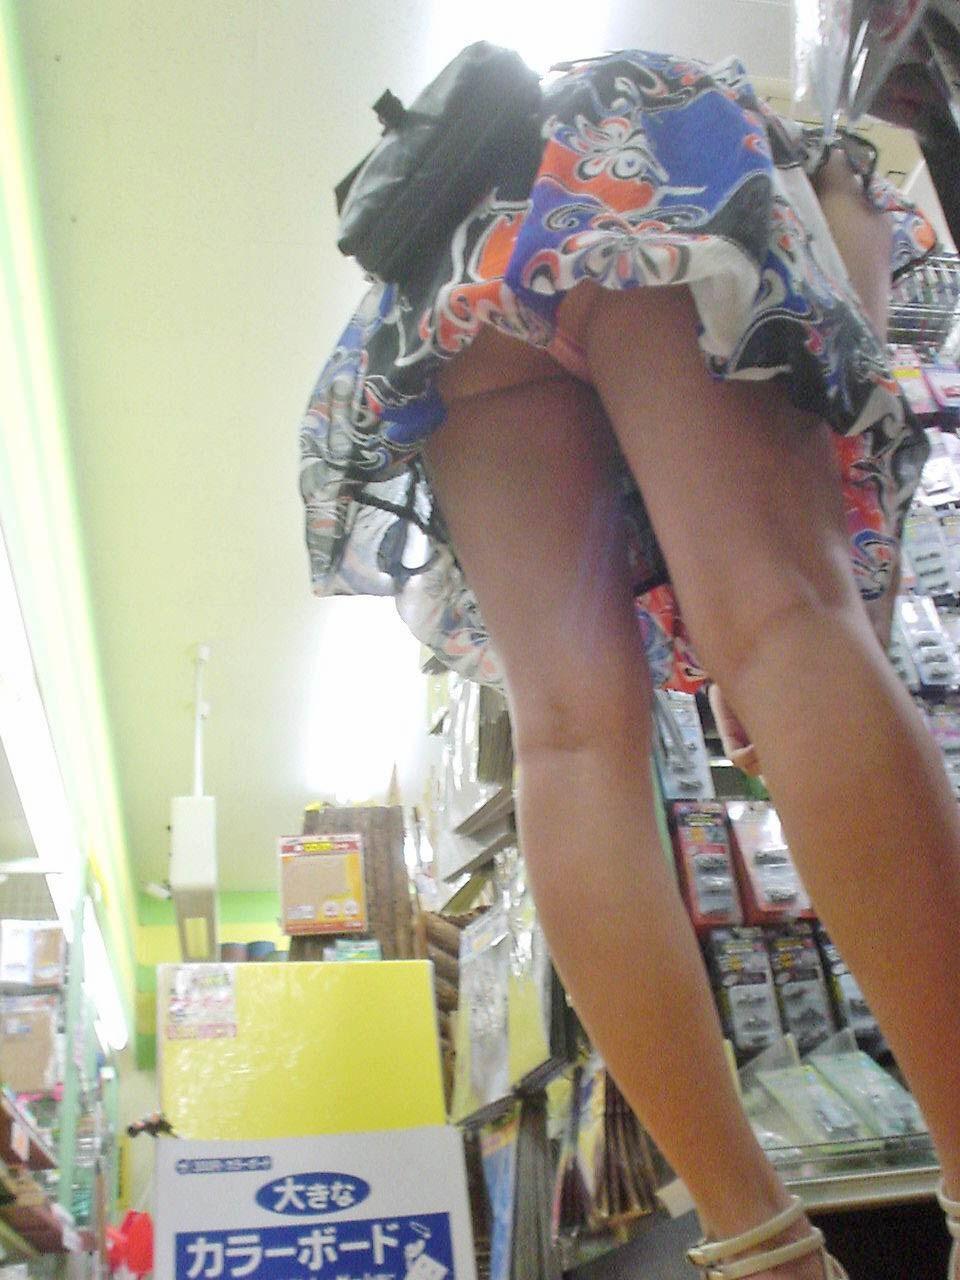 【パンチラエロ画像】買い物に夢中でまったくの無警戒…無防備な下半身を撮られても気づかない女の子のリアルなパンチラ画像 その6